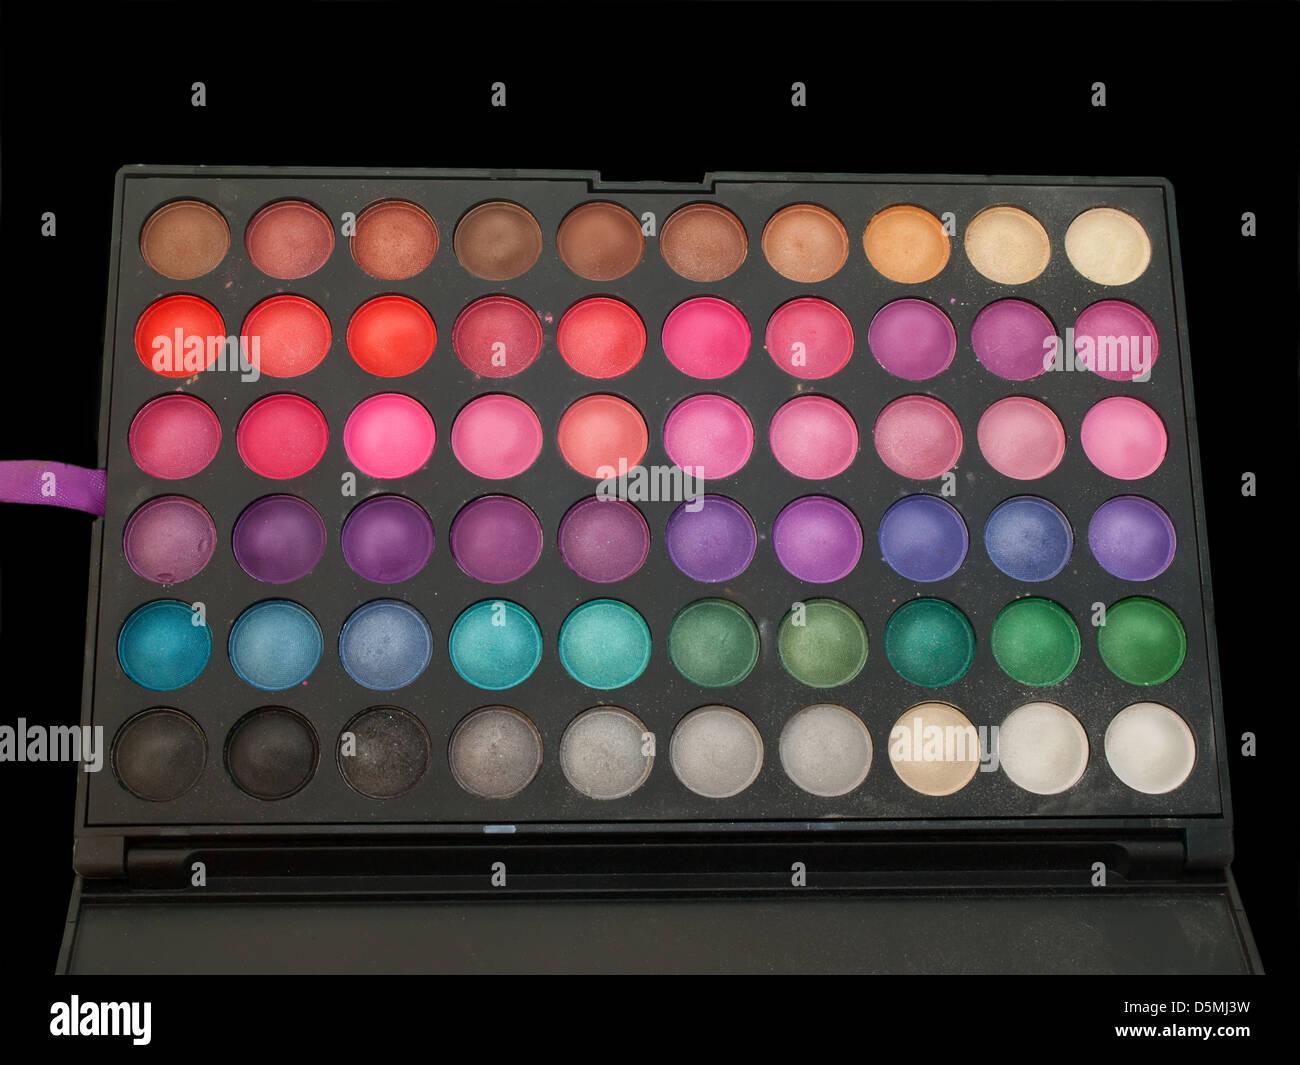 professiona make-up eye shadows palette isolated - Stock Image